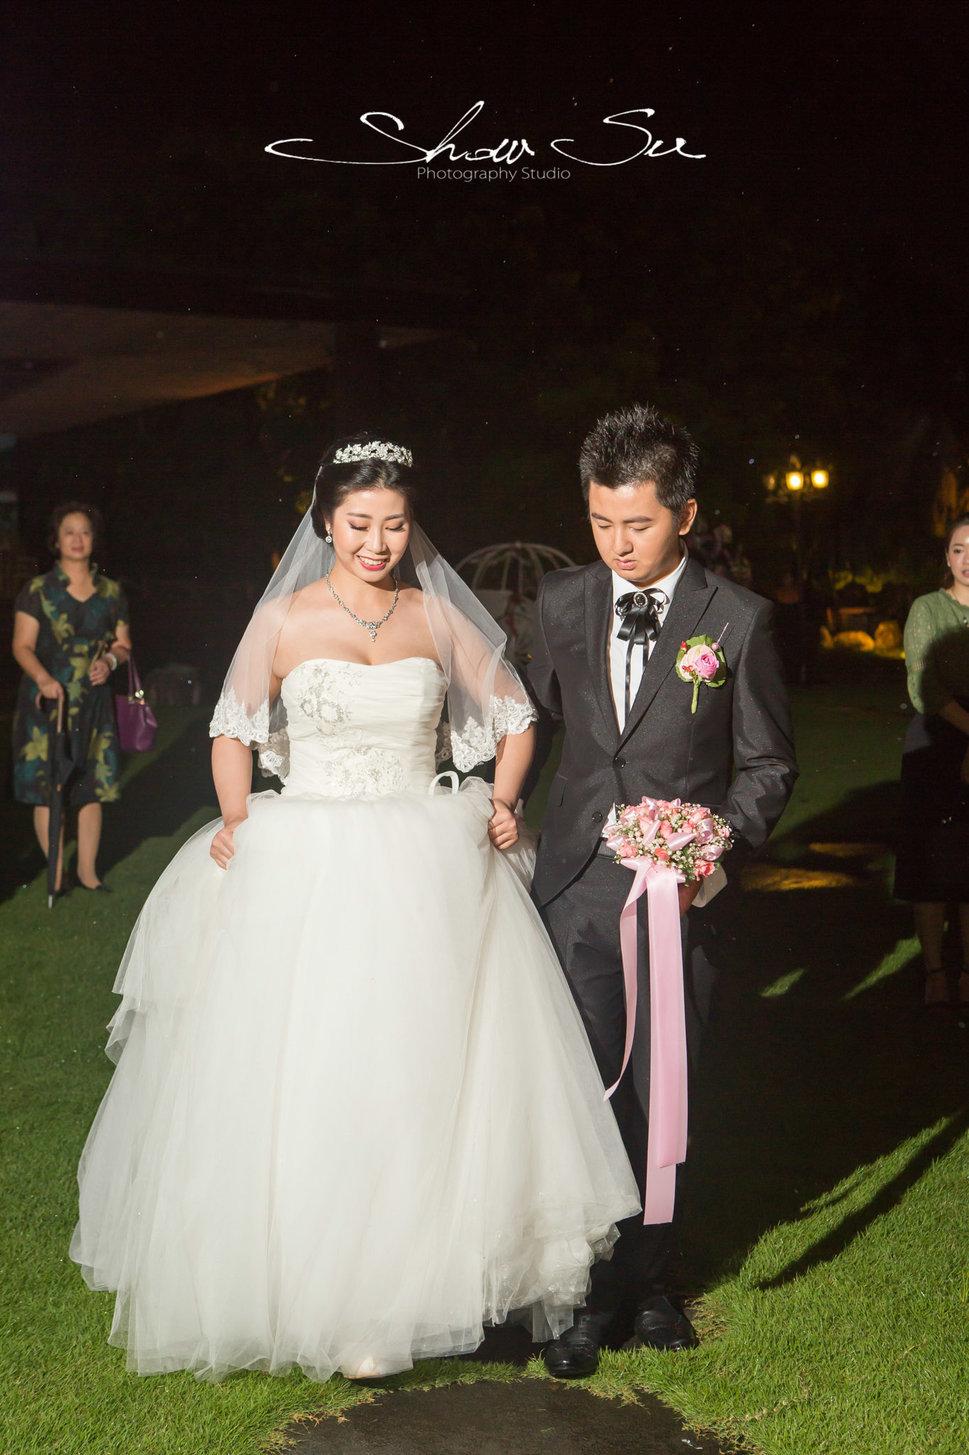 [婚攝] Leo & Carissa│桃園@響悅花園會館│婚禮紀錄(編號:550012) - Show Su Photography - 結婚吧一站式婚